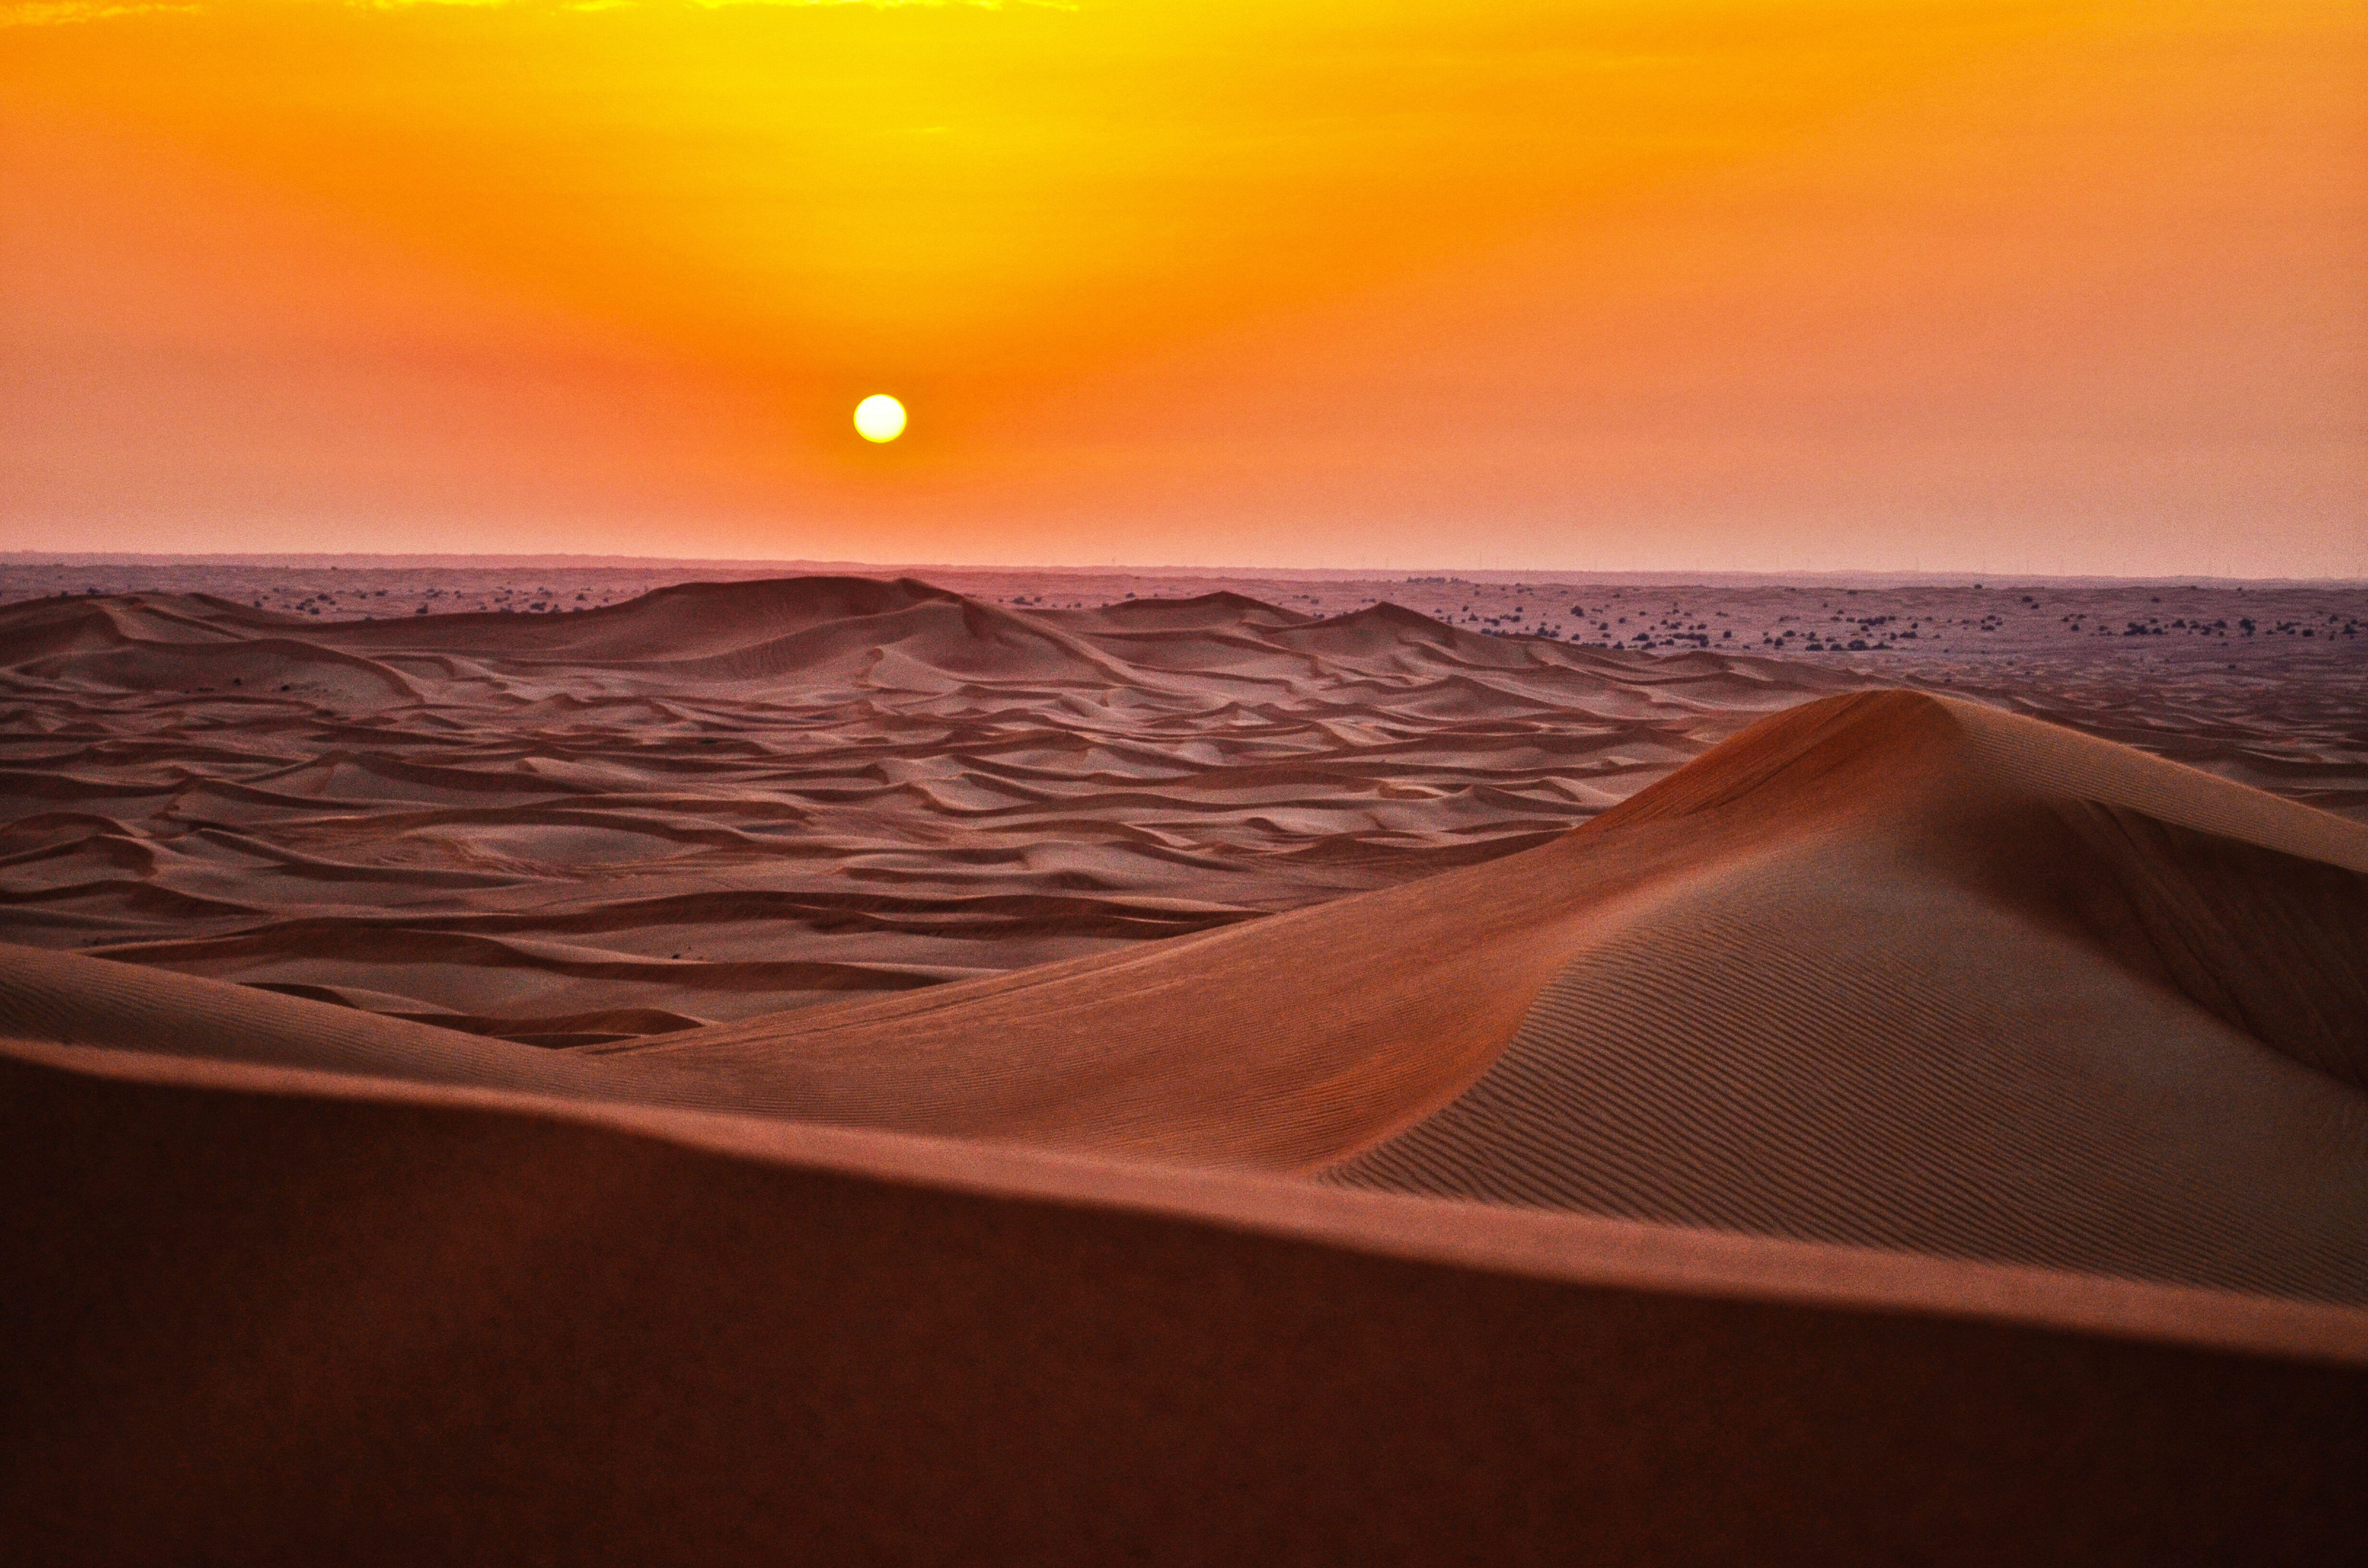 The Sun Setting Over The Sand Dunes In The Barren Desert Desert Sunset Desert Pictures Sunset Hd wallpaper sunset desert dunes sand